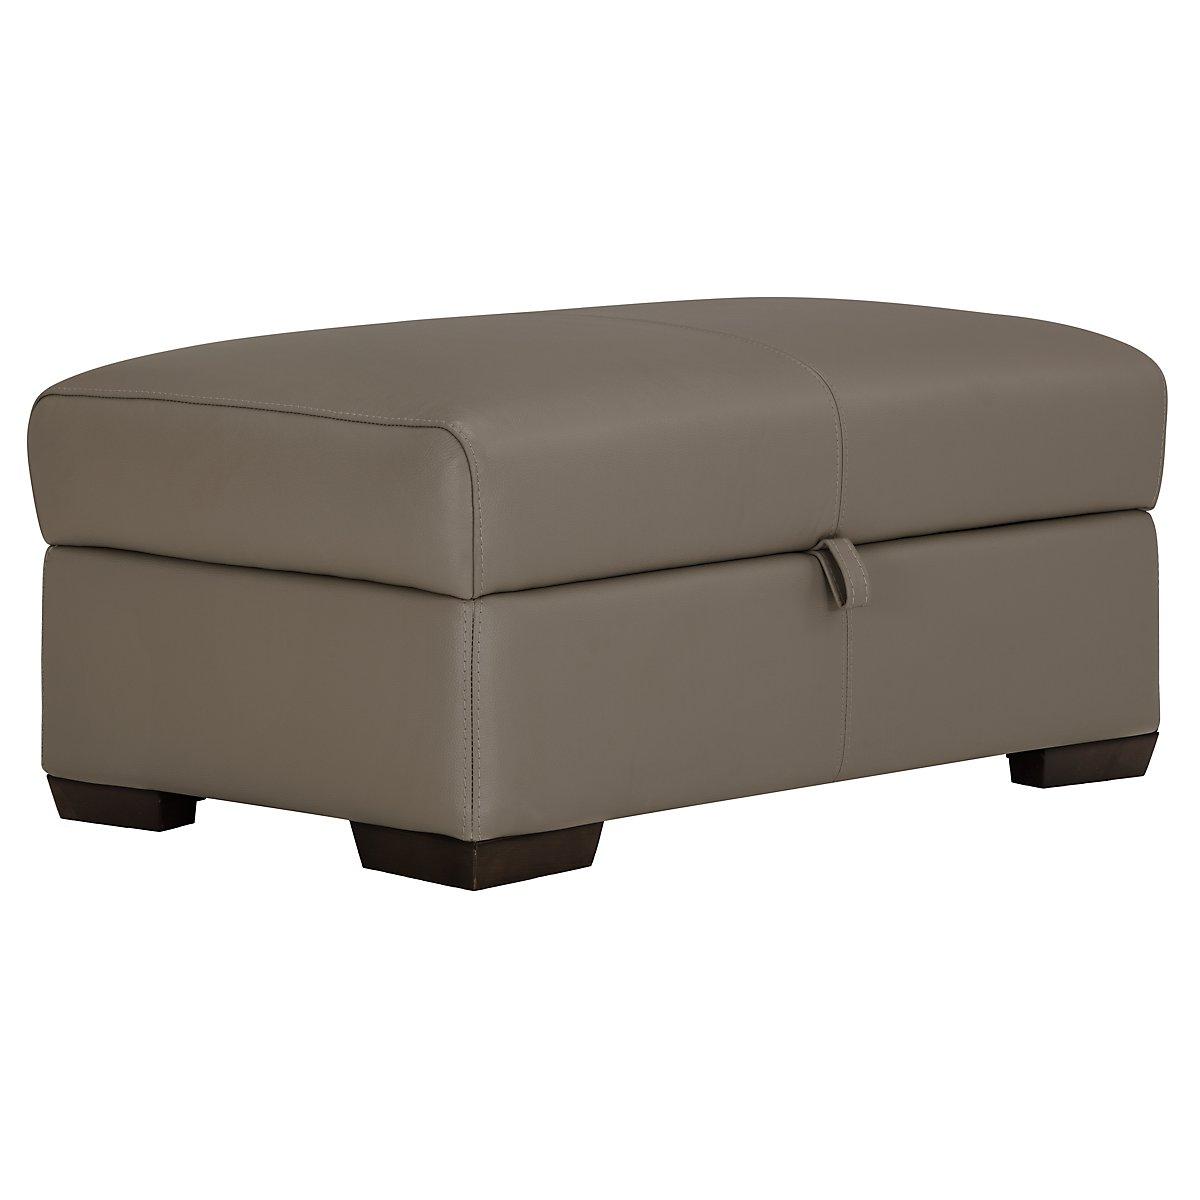 Alessi3 Dark Taupe Leather & Vinyl Storage Ottoman - City Furniture: Alessi3 Dk Taupe Leather & Vinyl Storage Ottoman